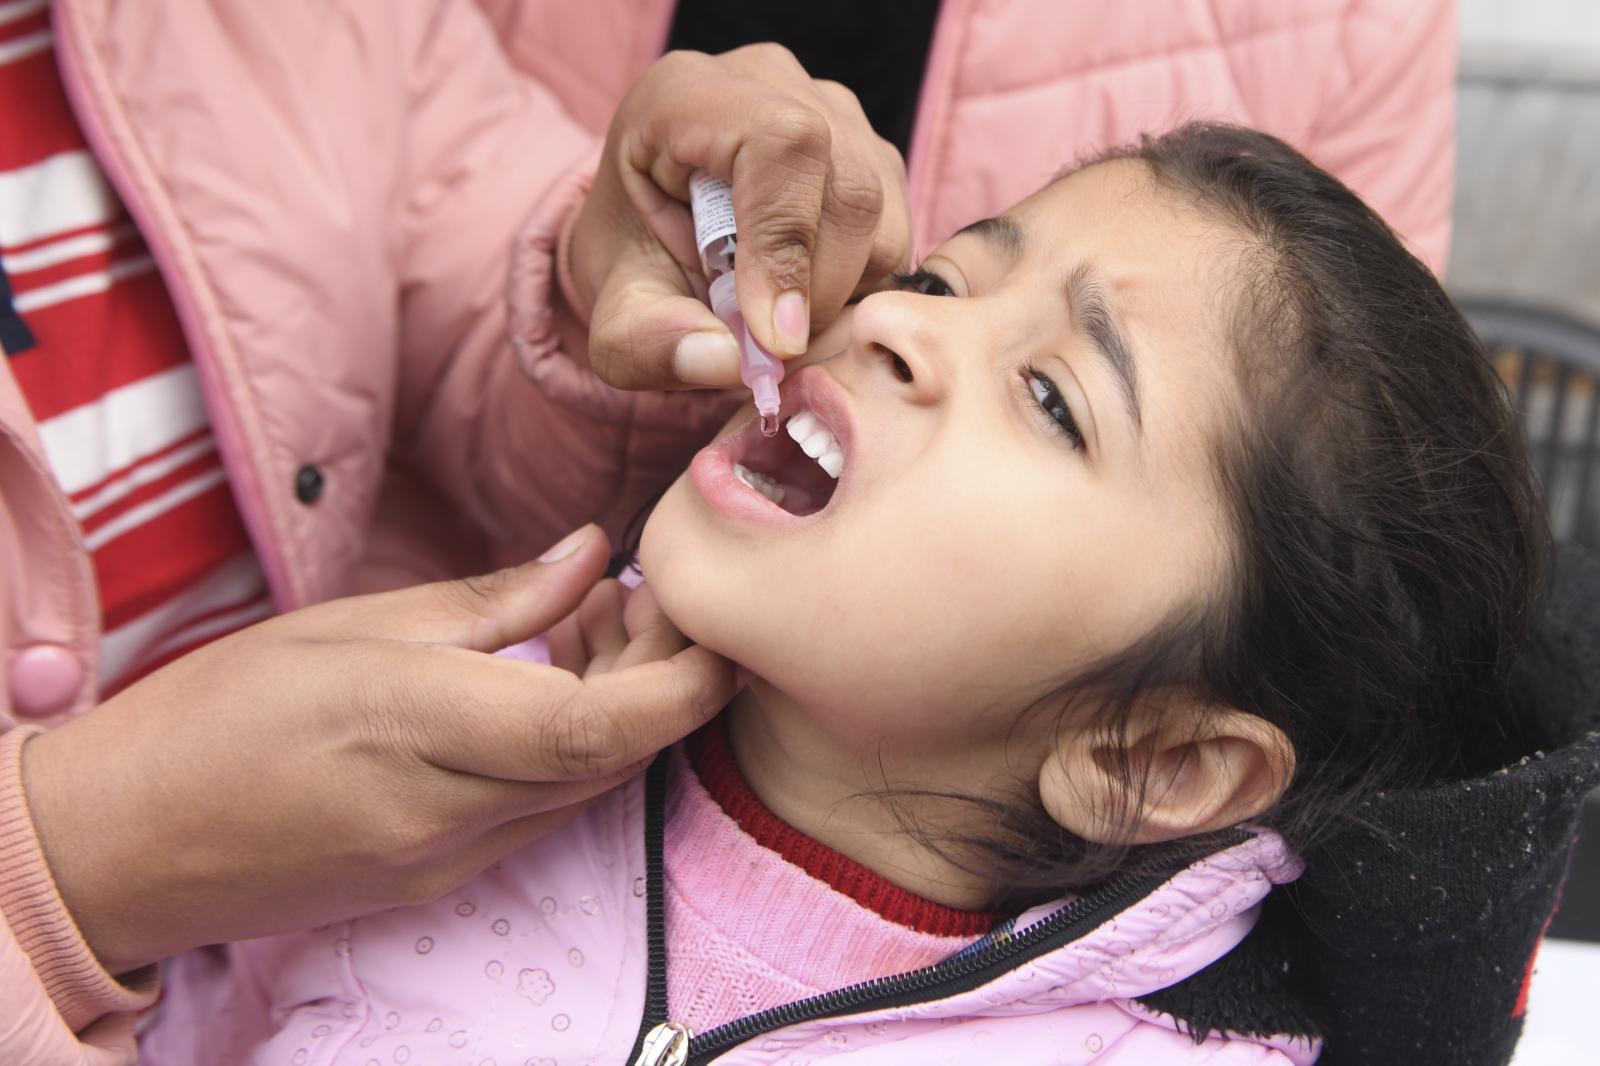 ผู้เชี่ยวชาญเสนอ วัคซีนป้องกันโรคโปลิโอที่มีอยู่อาจป้องกันโควิด-19 ได้